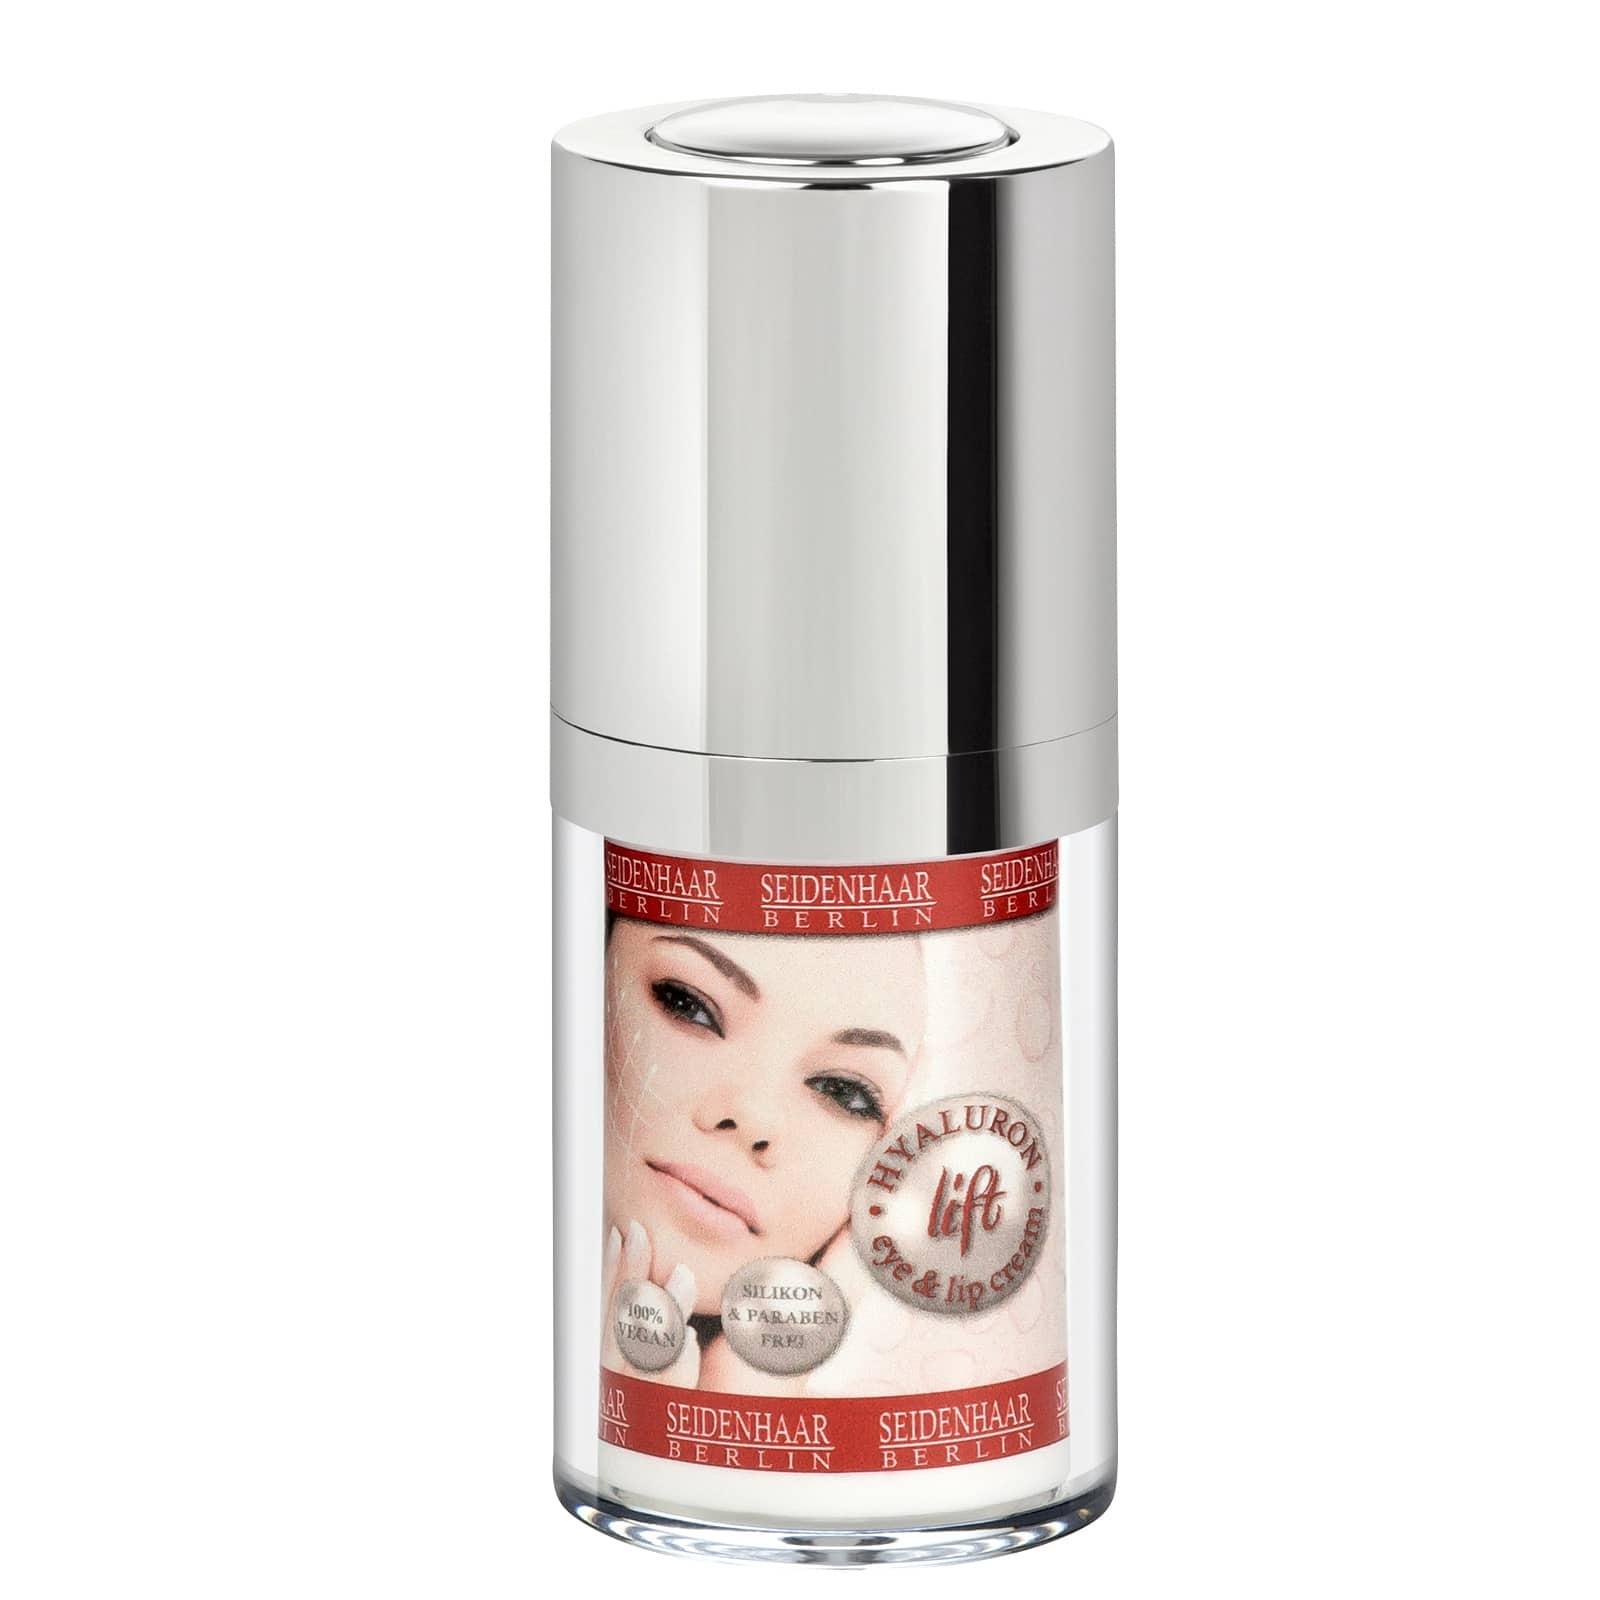 Hyaluron-Lift eye & lip - Hyaluron Creme Lippen und Augen